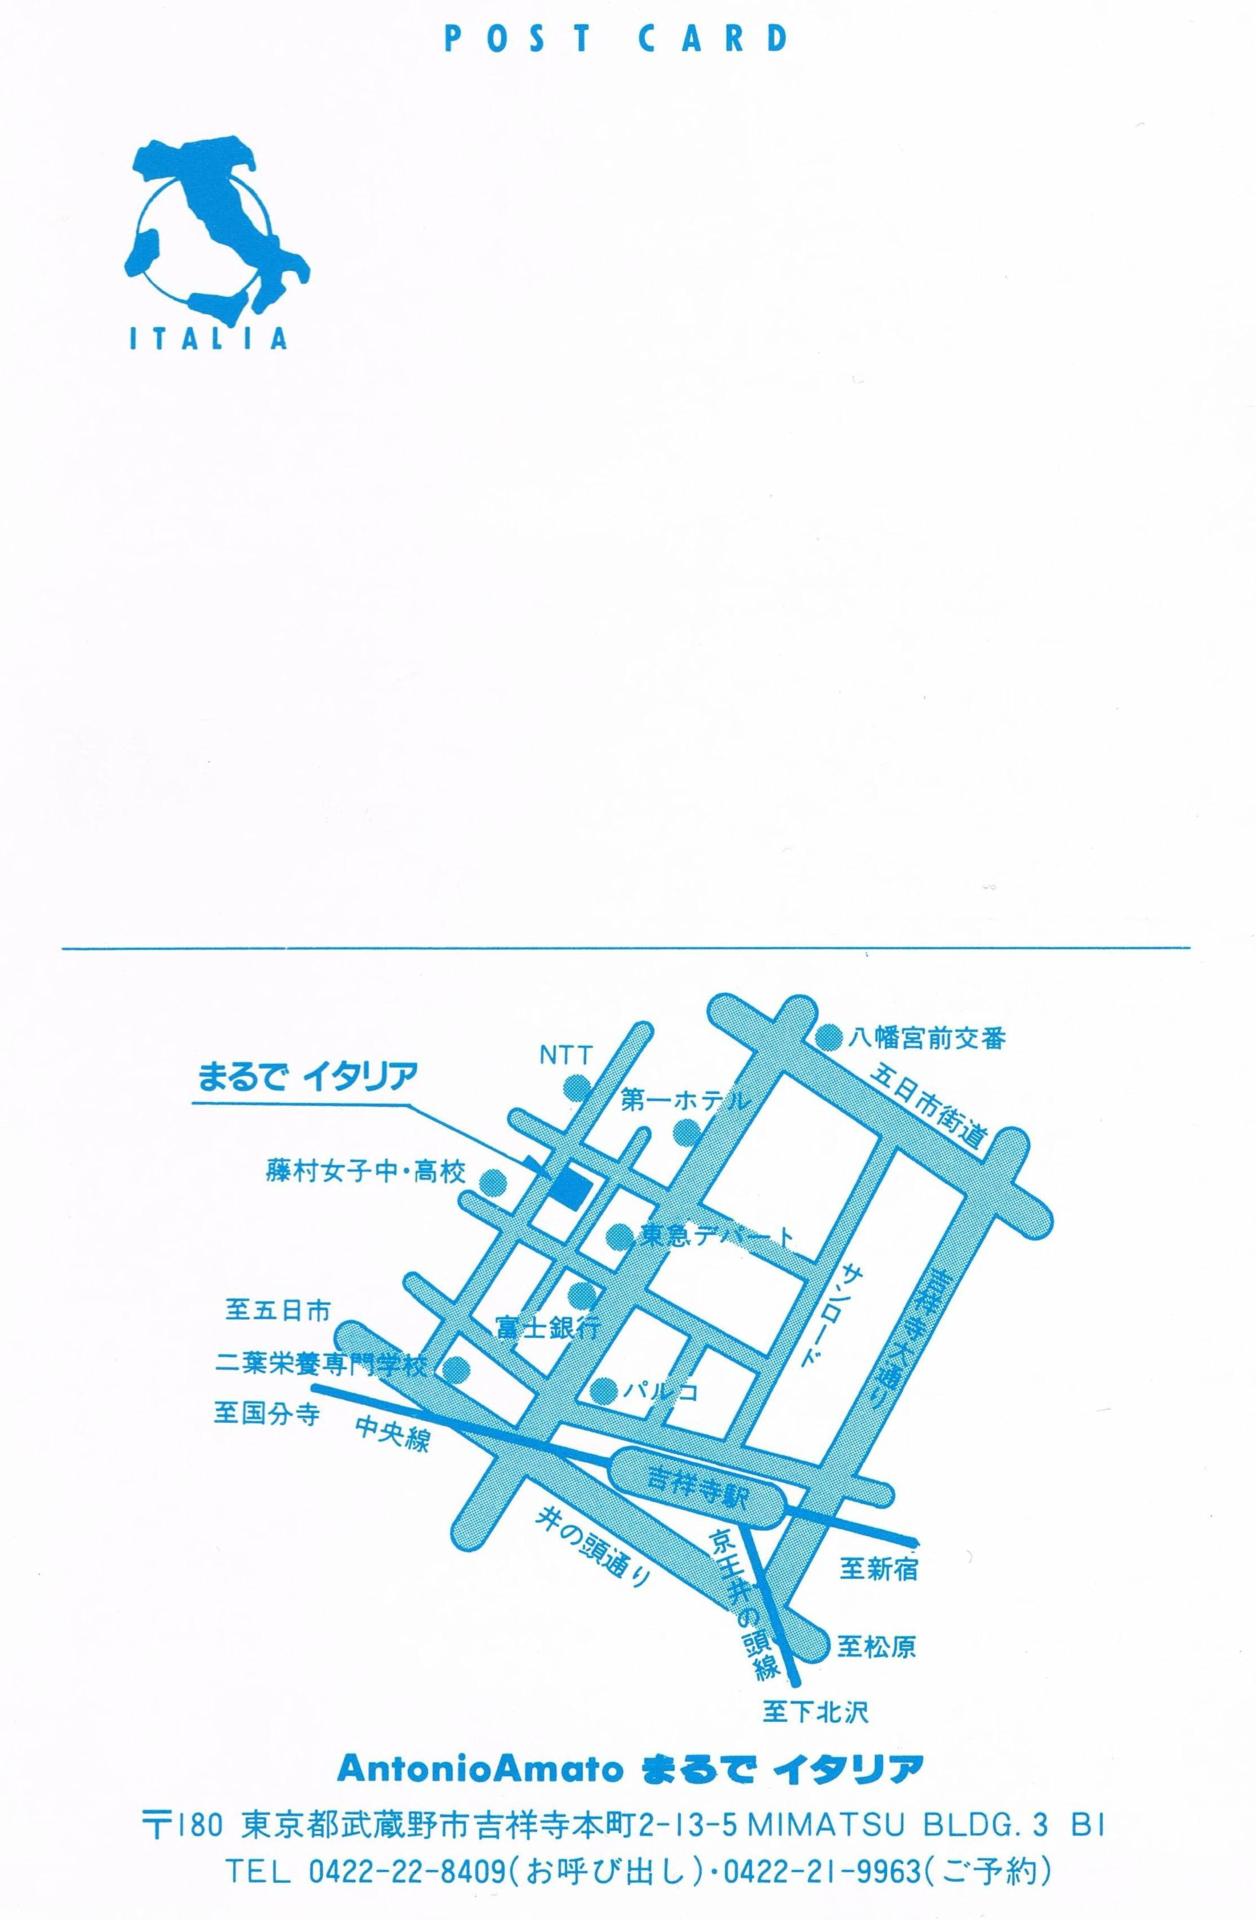 f:id:ToshUeno:20150317224904p:plain